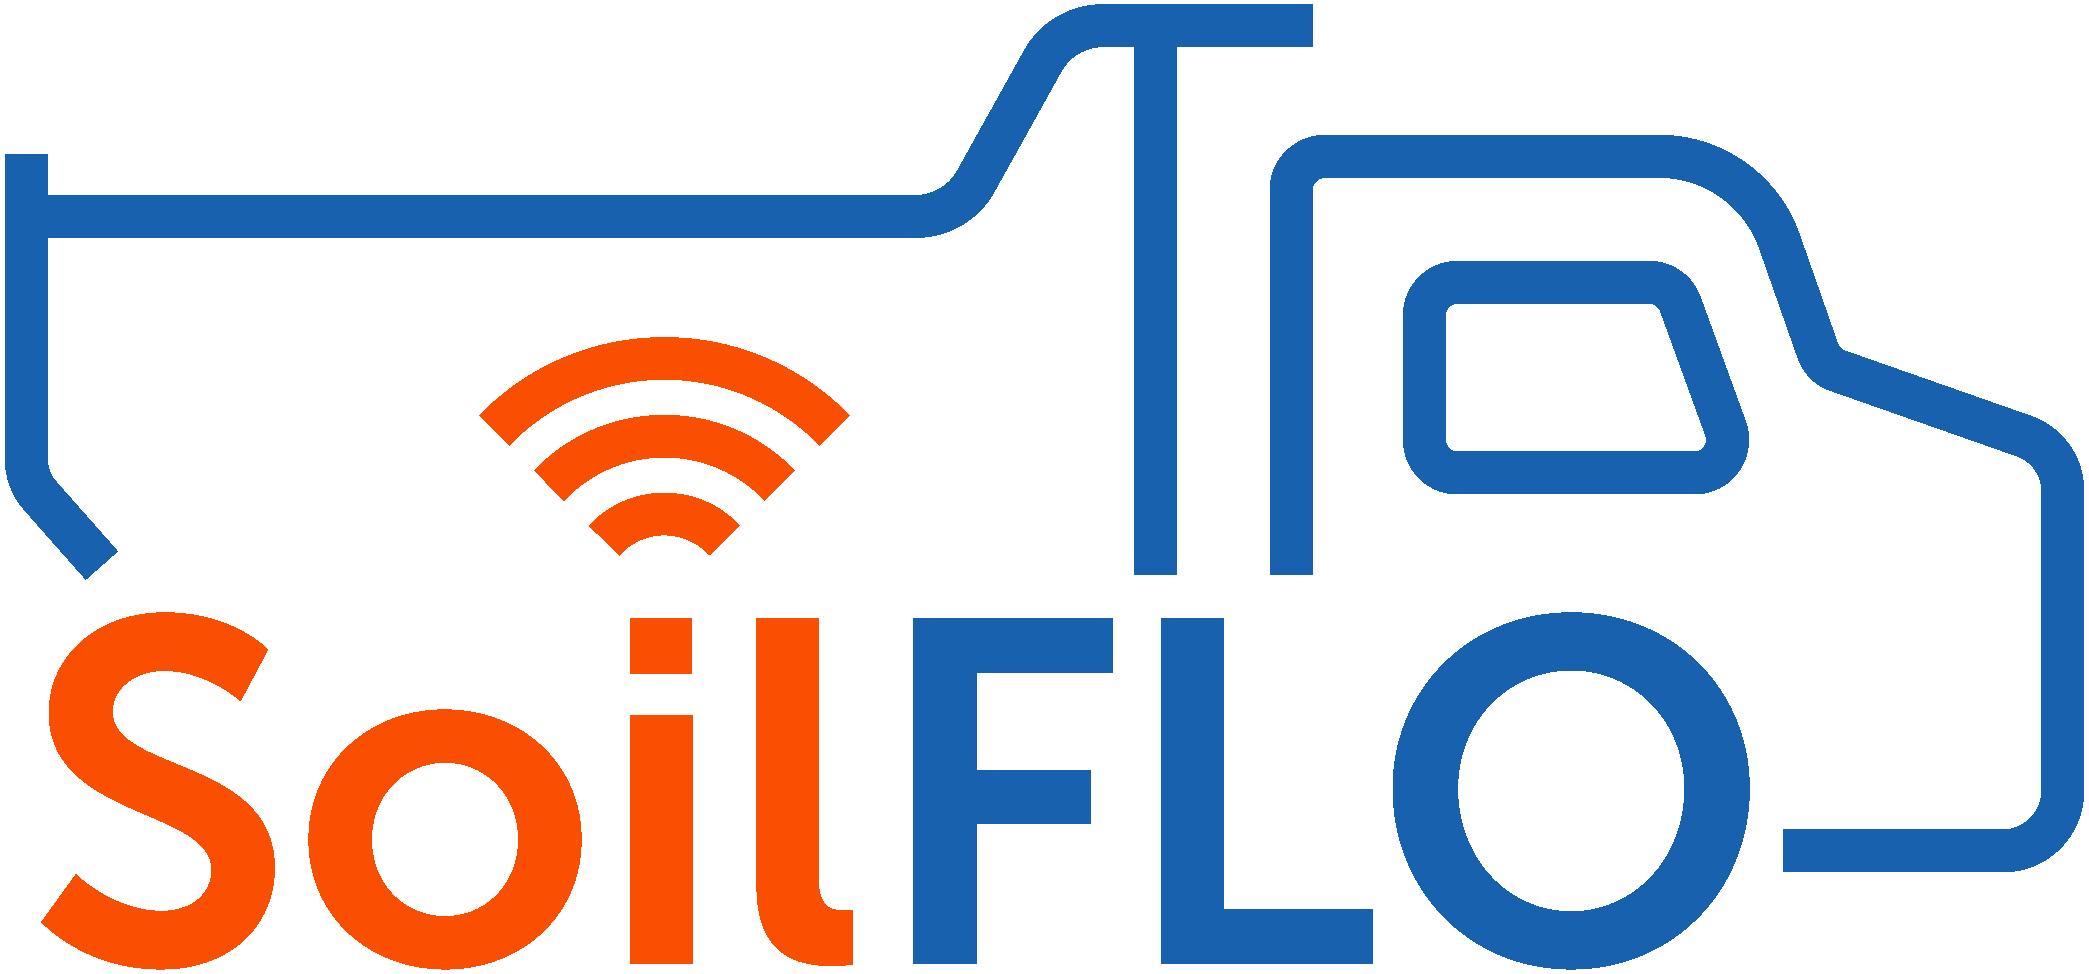 Soilflo Logov2